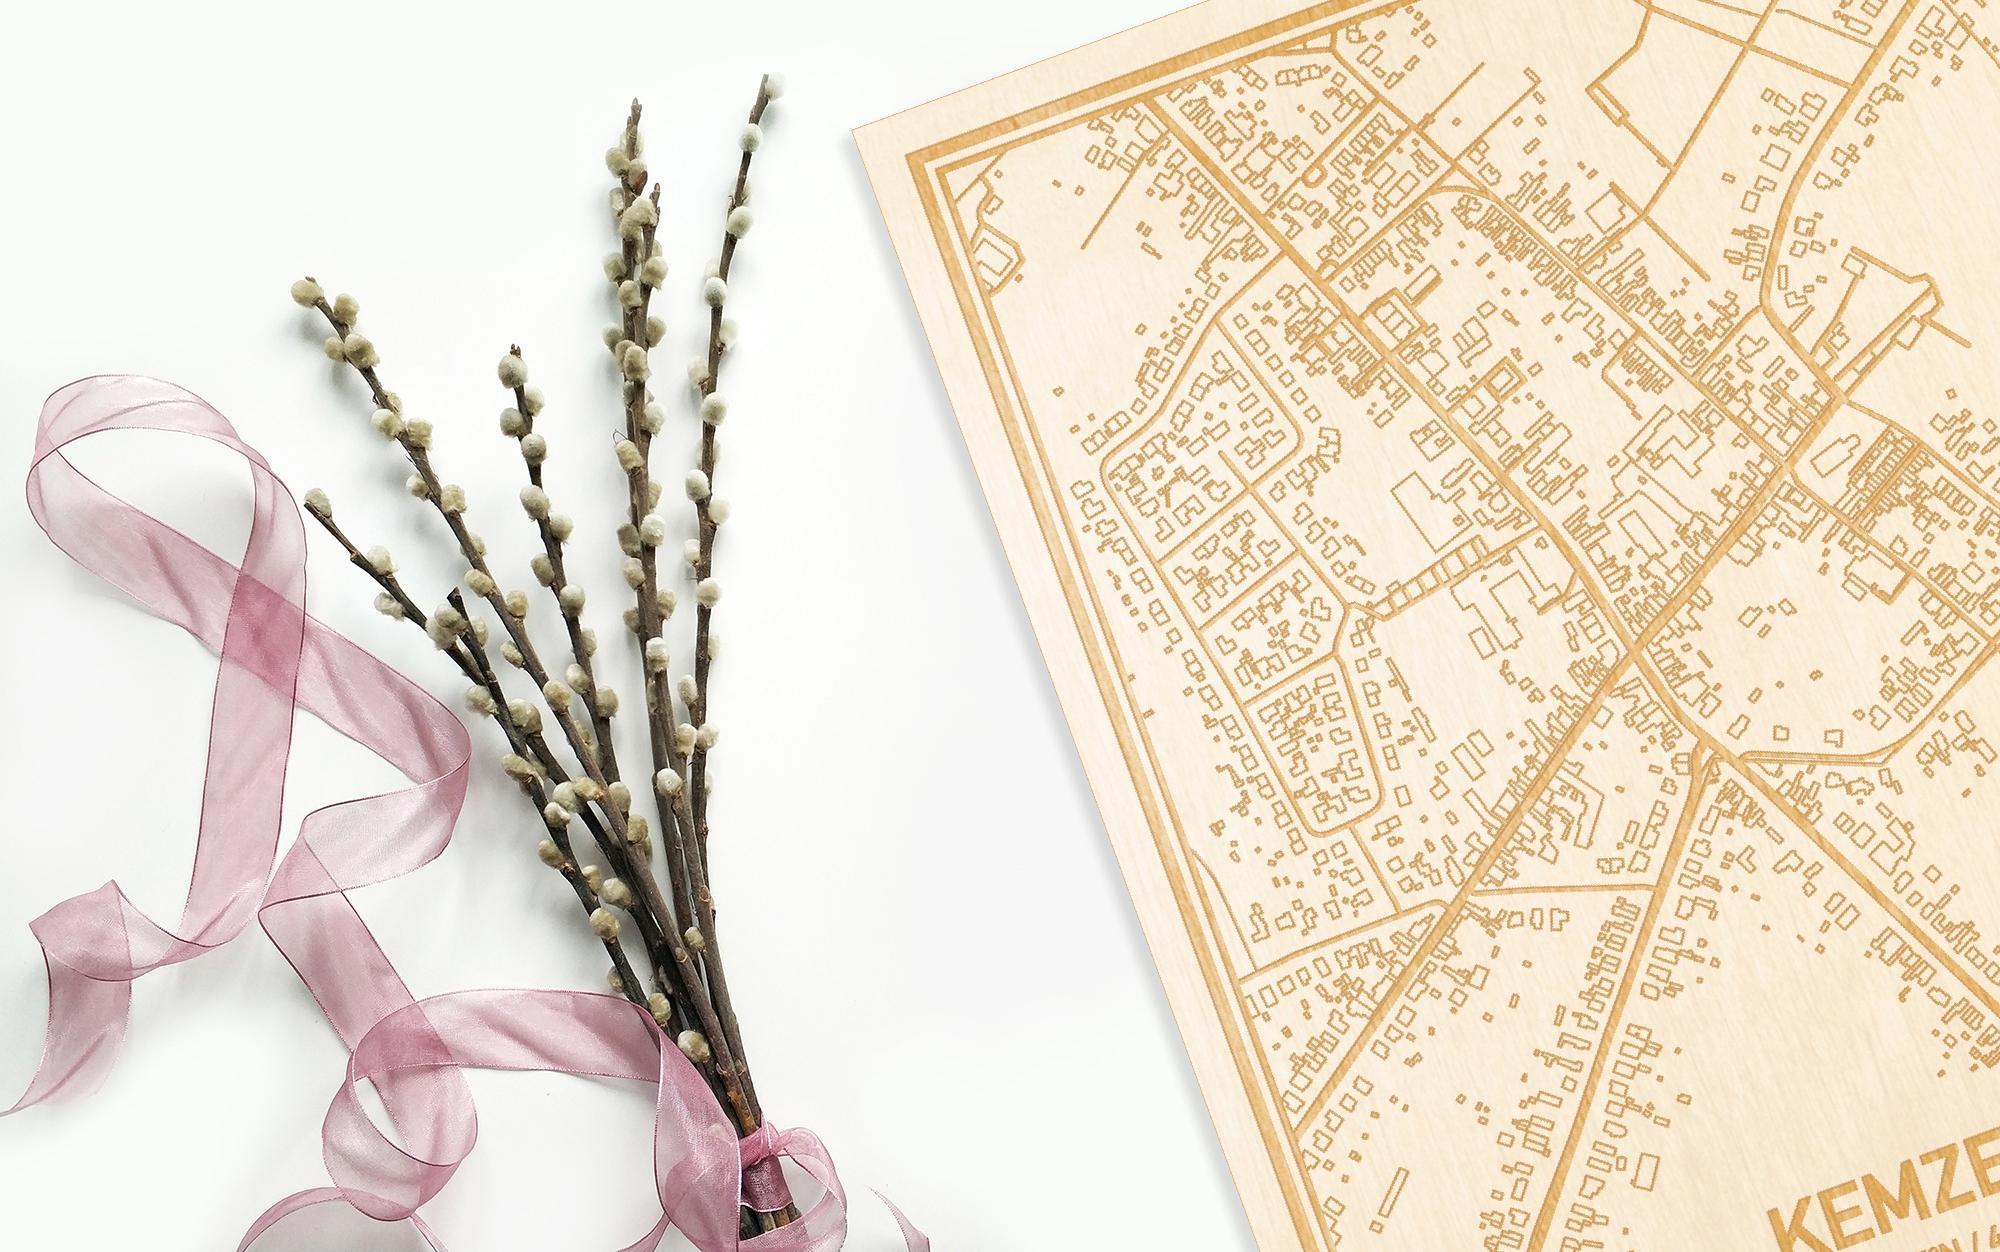 Hier ligt de houten plattegrond Kemzeke naast een bloemetje als gepersonaliseerd cadeau voor haar.